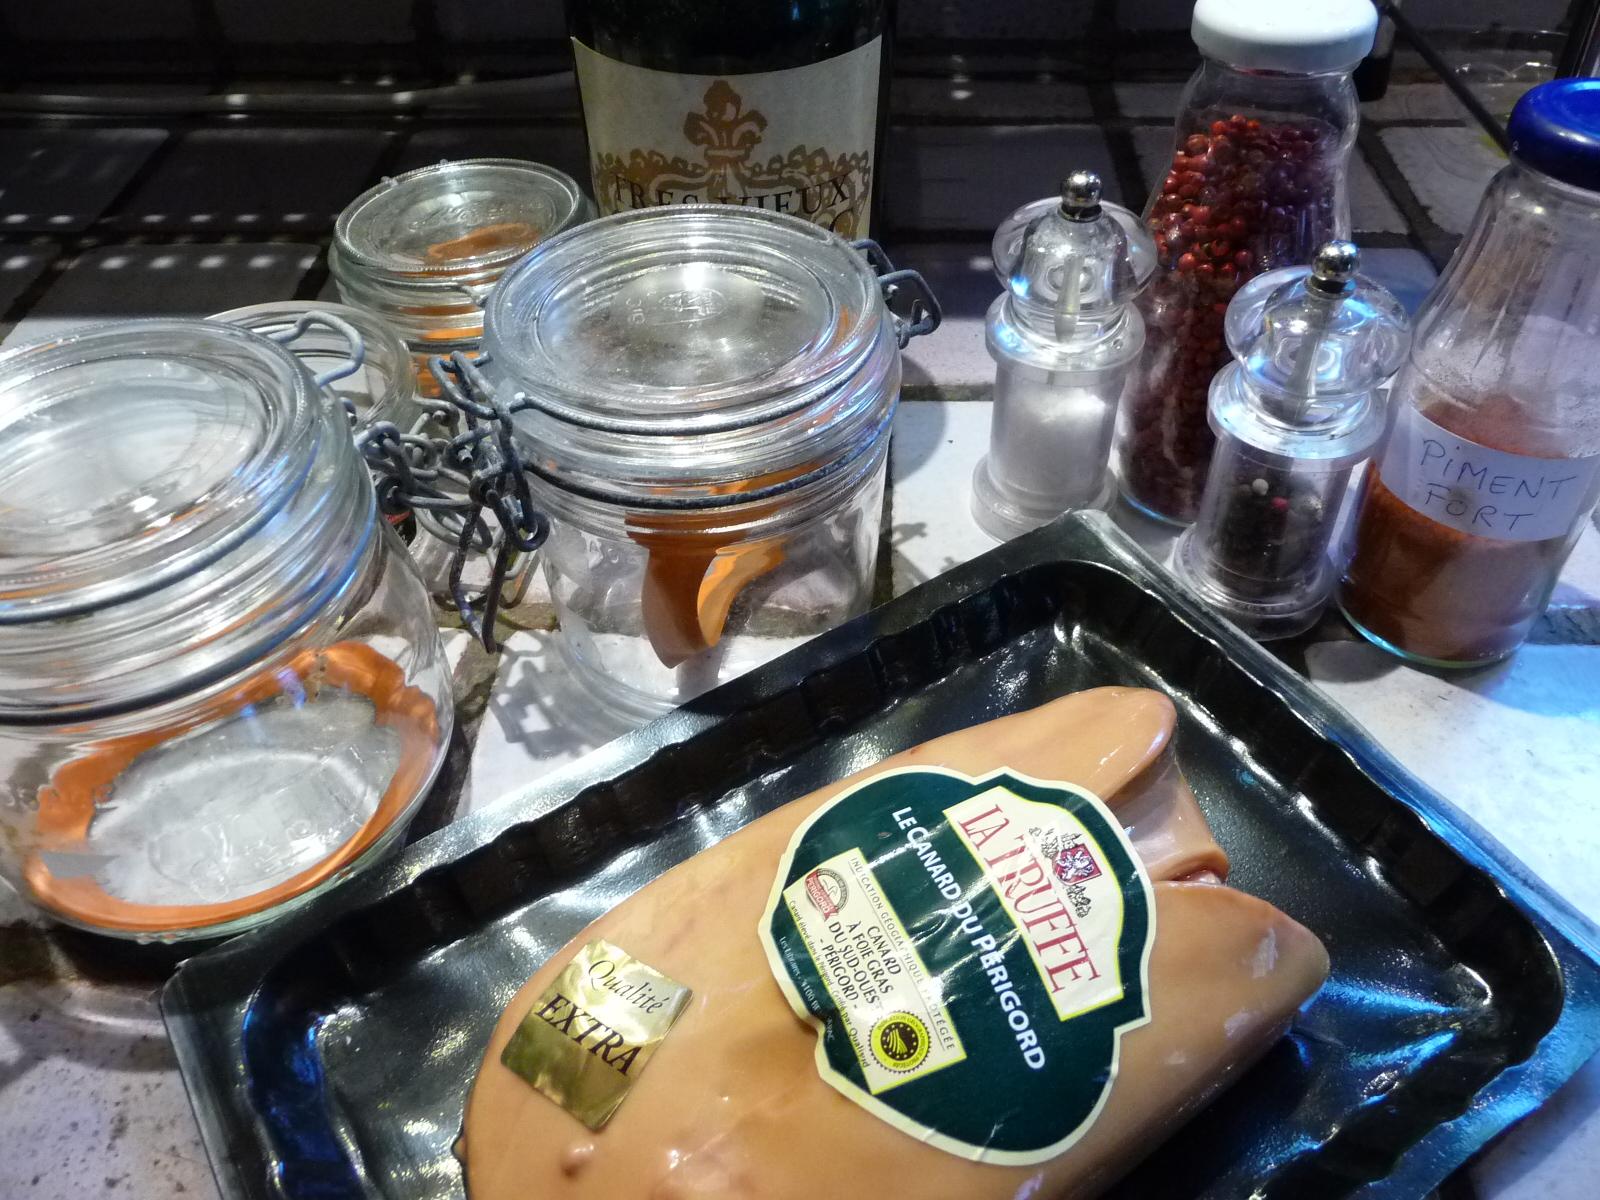 Le roman culinaire v foie gras 2 - Preparer son foie gras ...